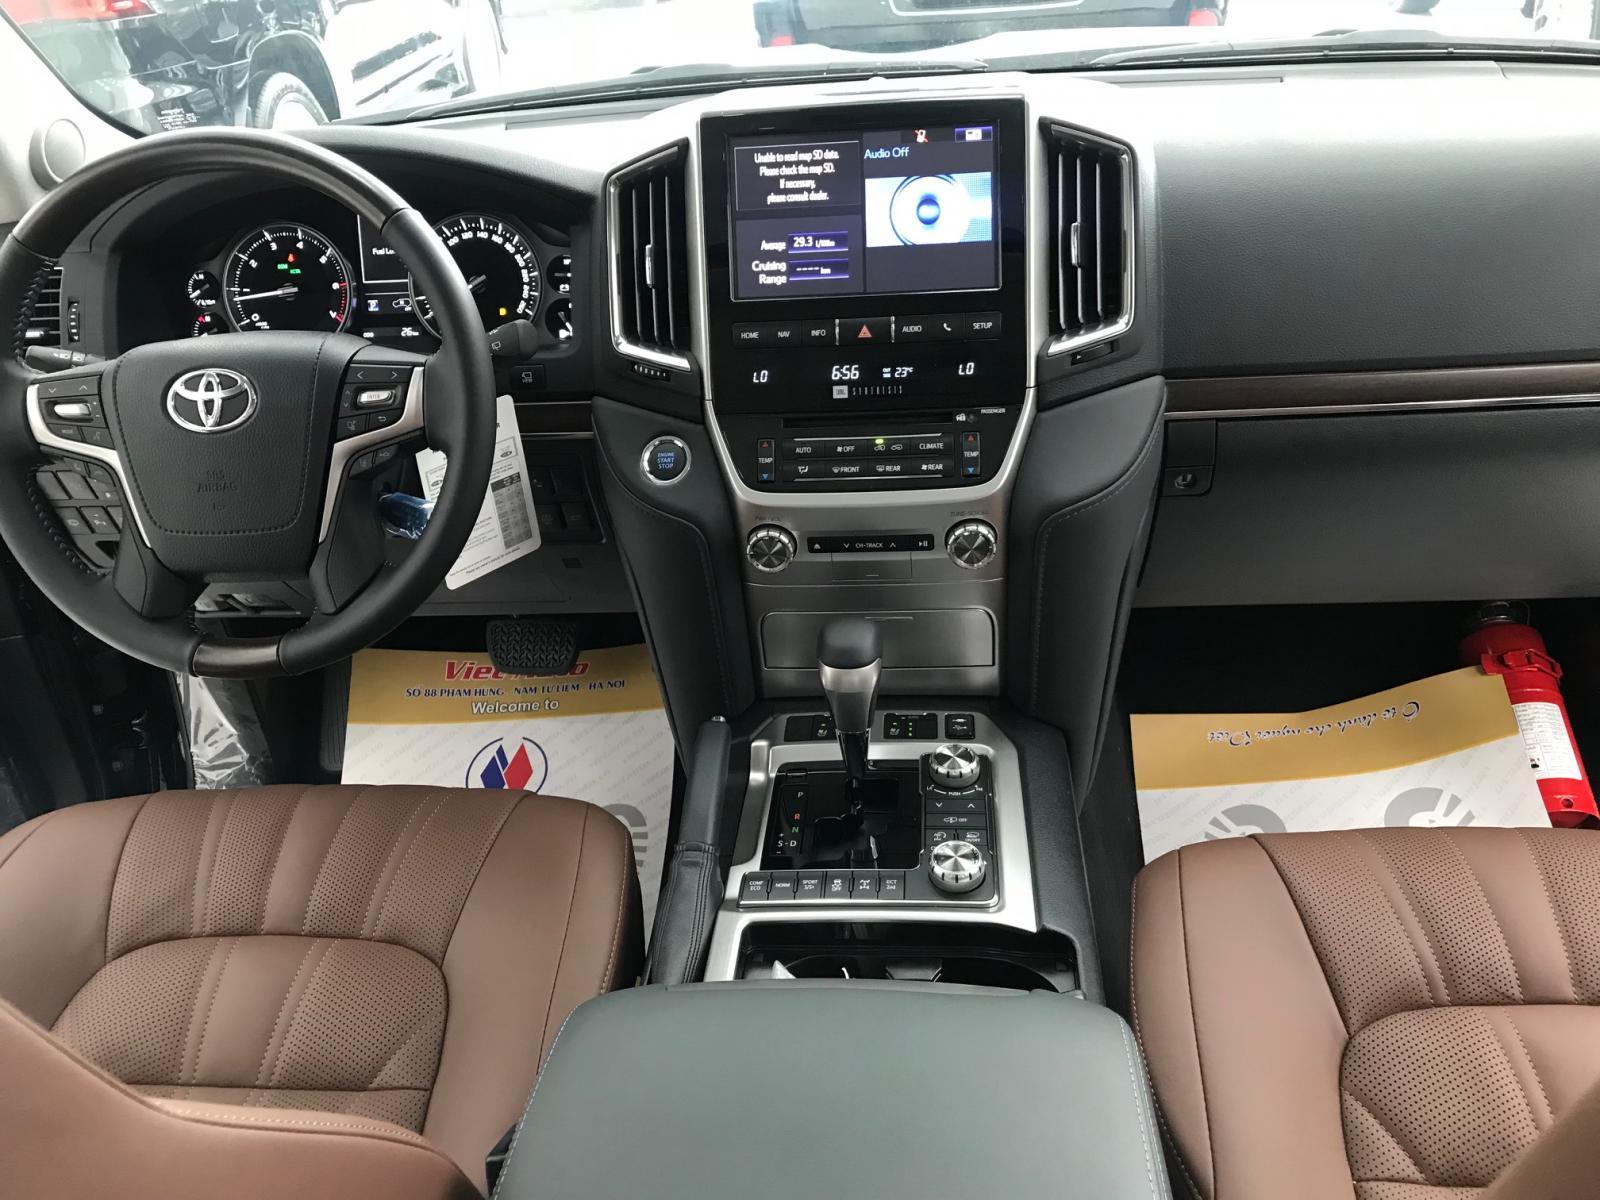 Bán Toyota Land Cruiser 5.7V8 bản VX-S, xuất Trung Đông 2021 mới nhất